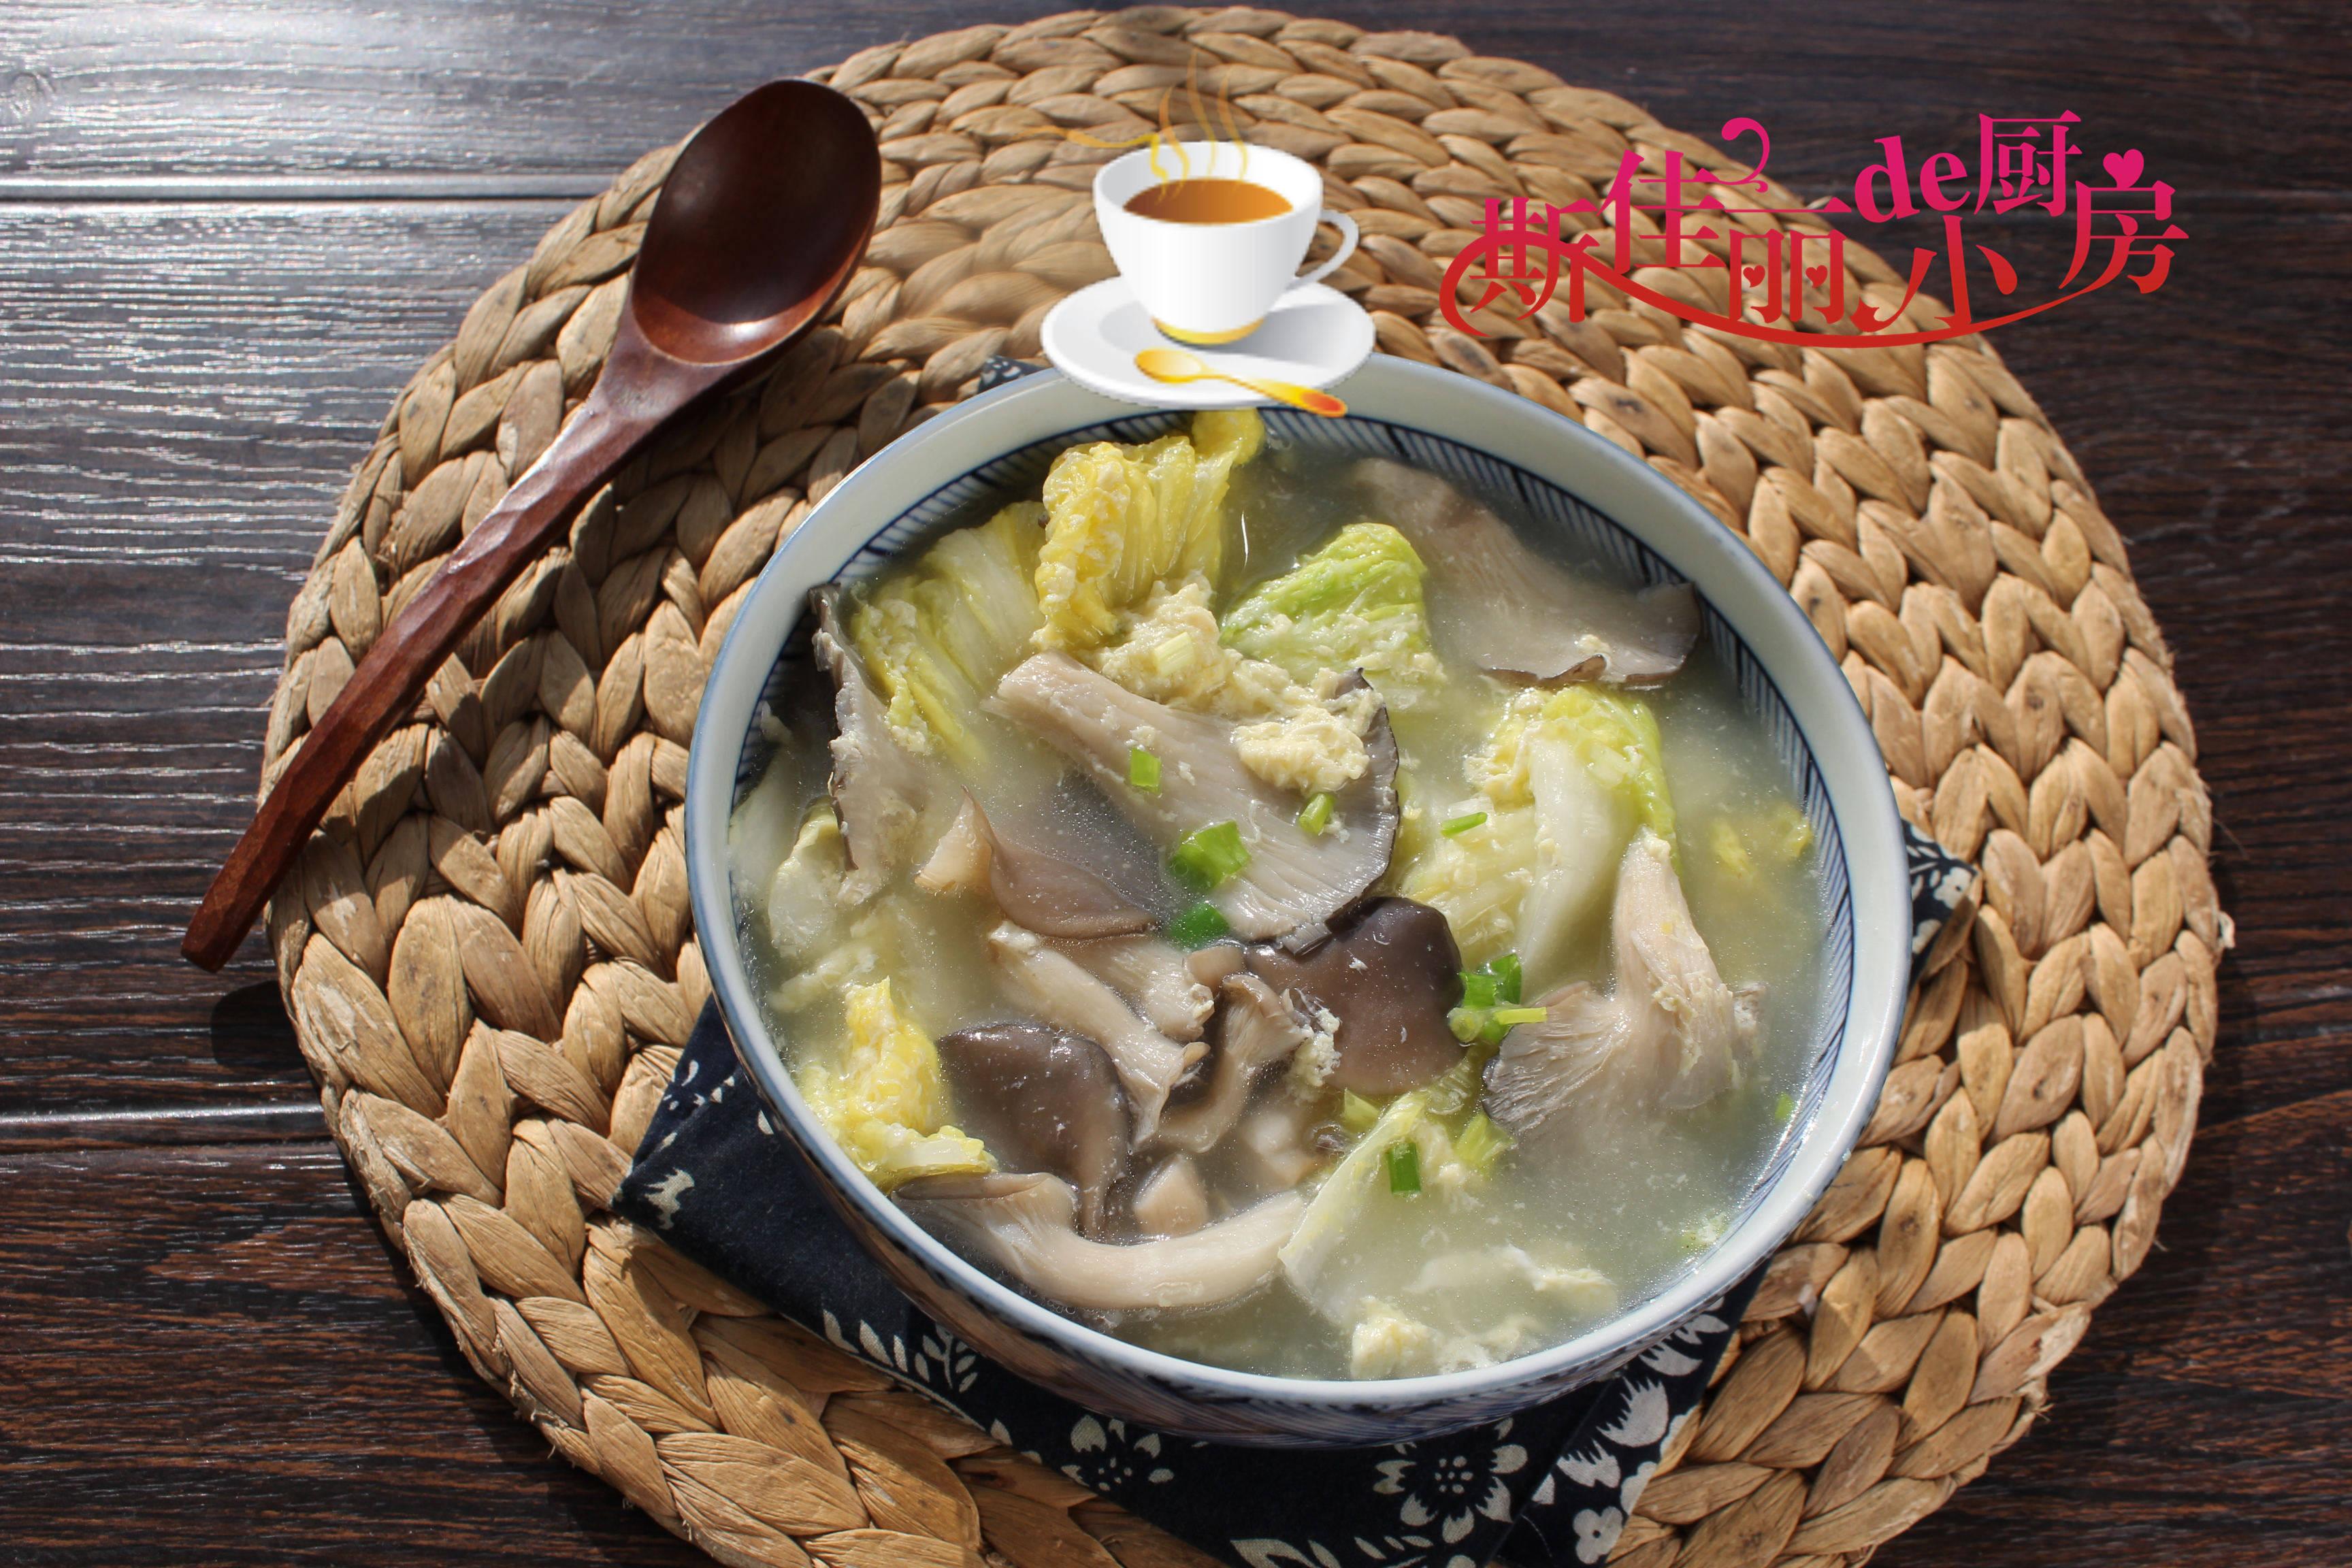 秋冬季节,这汤我三天两头煮一锅,成本才几块钱,低脂清燥润肠胃